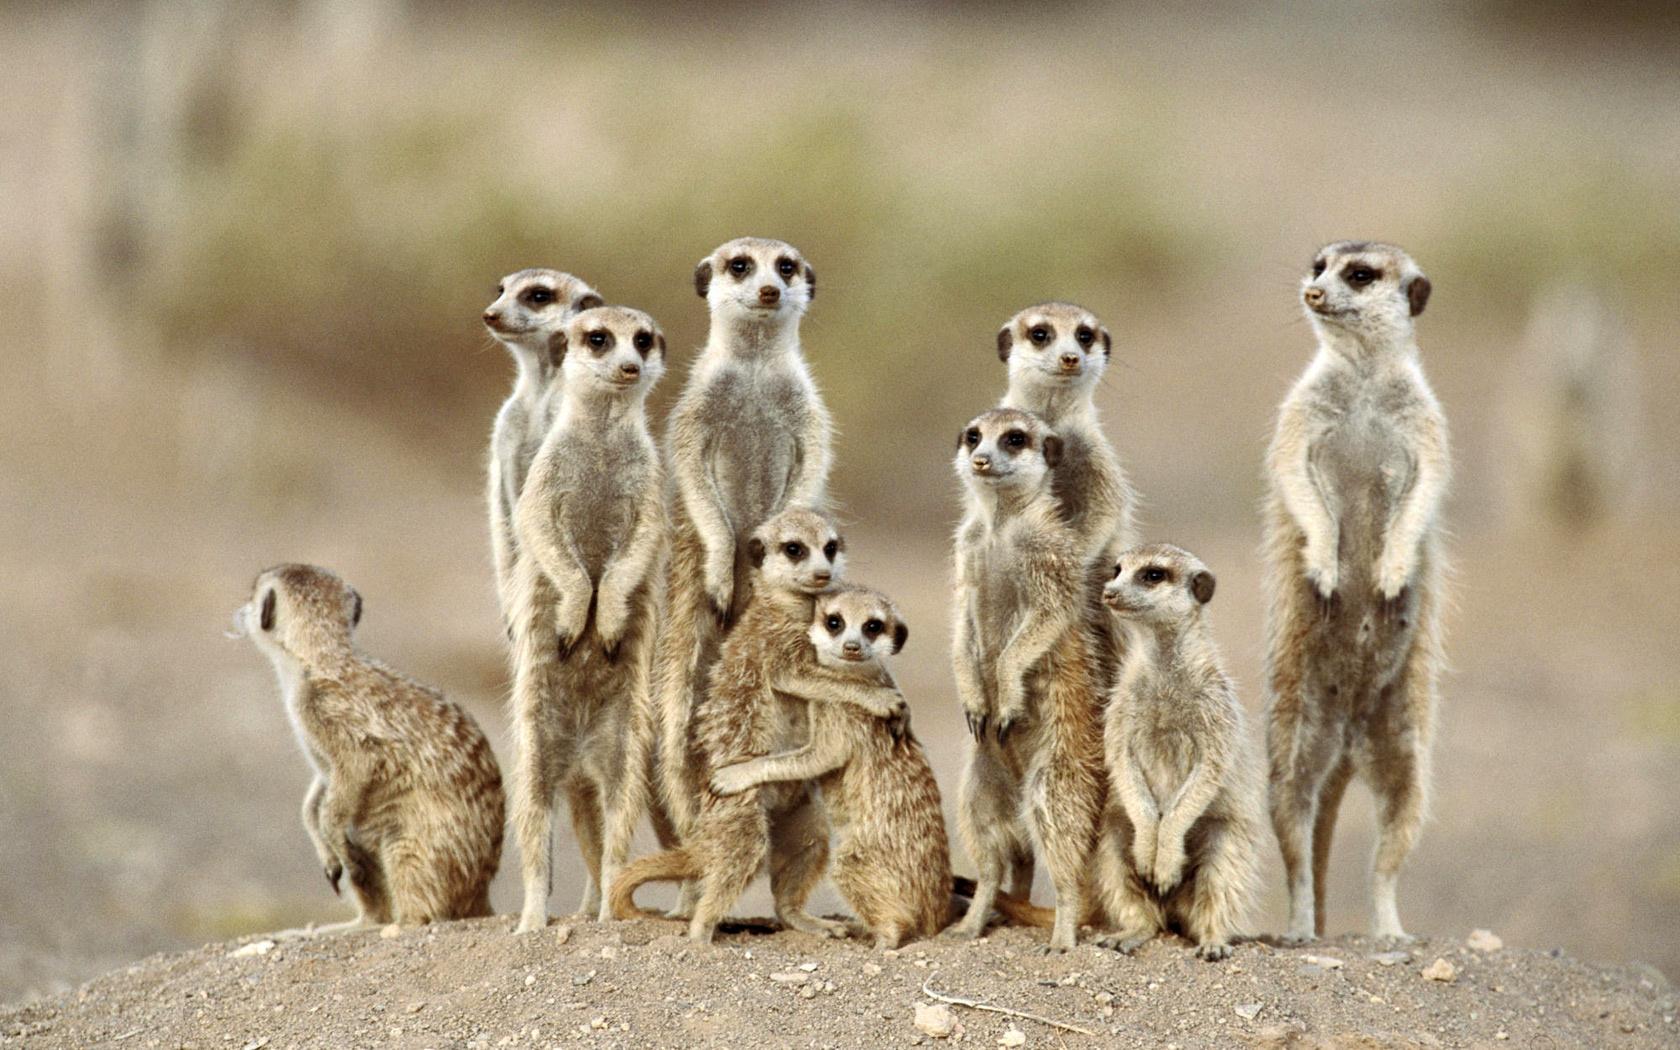 Meerkat Wallpapers, Pictures, Images